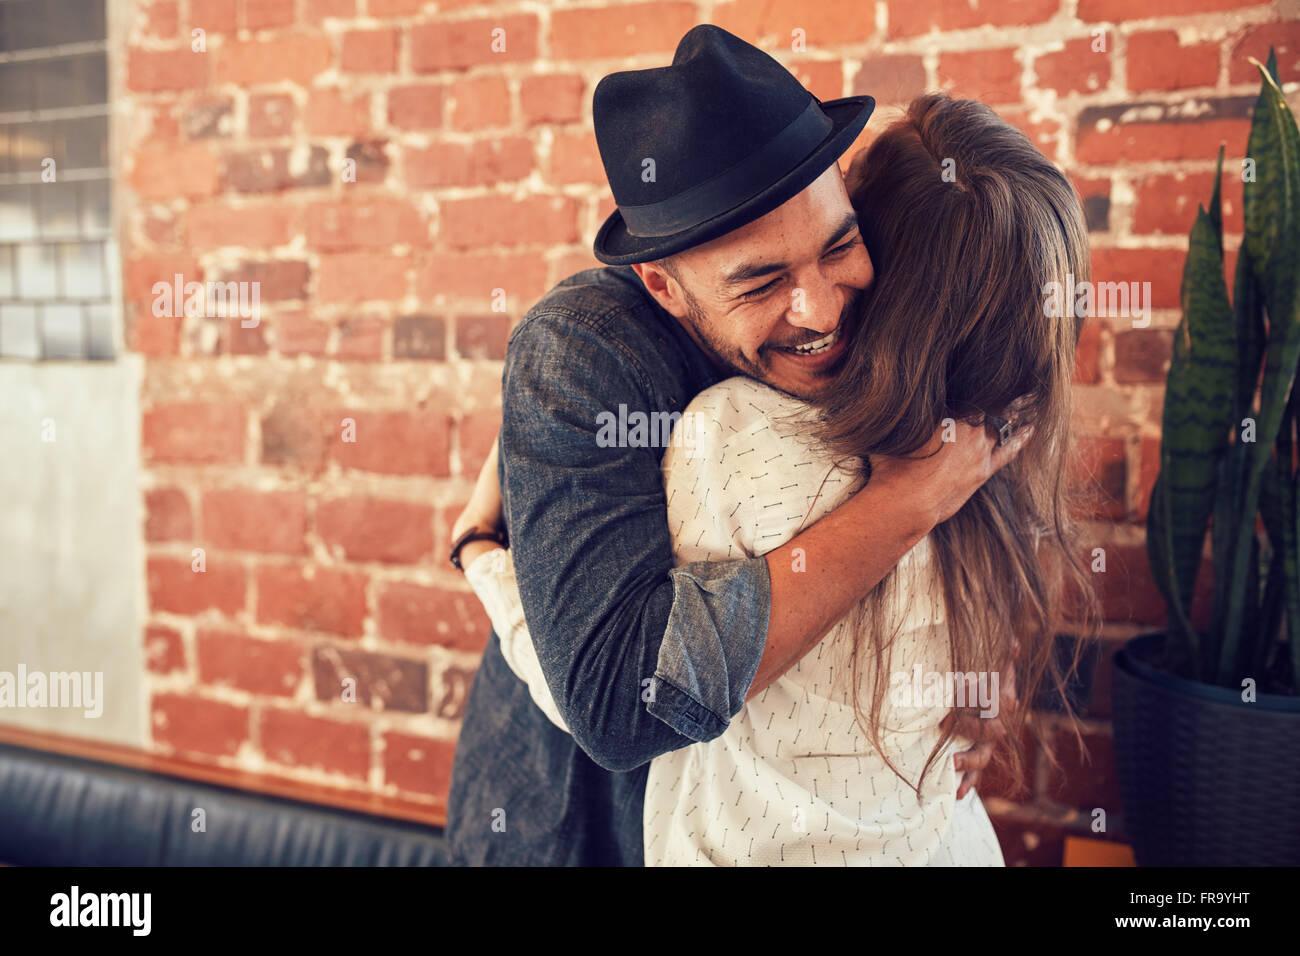 Ritratto di giovane uomo abbracciando la sua ragazza al cafe. Giovane uomo che abbraccia una donna in una caffetteria. Immagini Stock